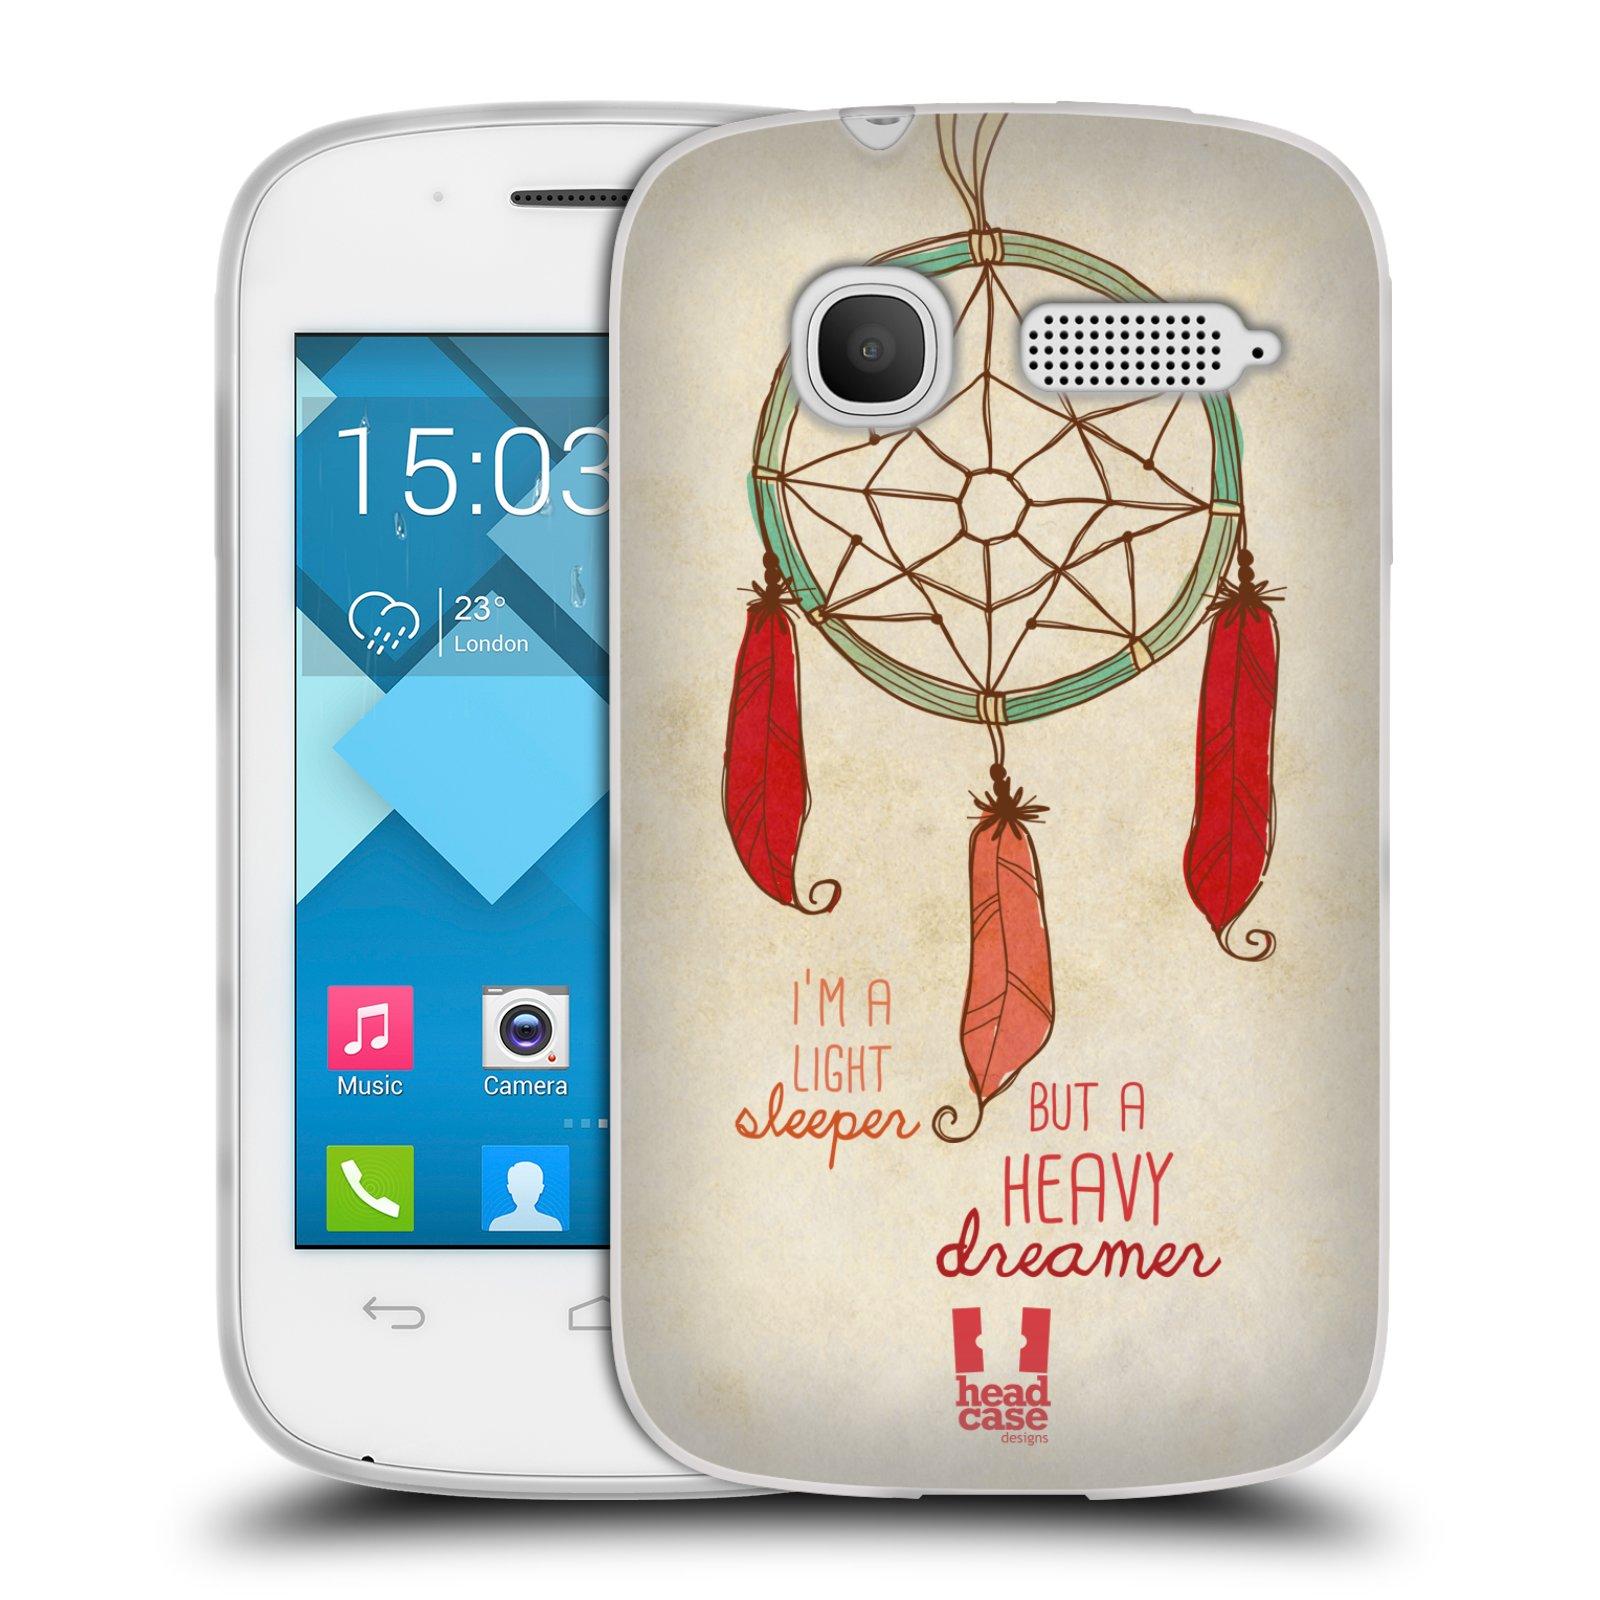 Silikonové pouzdro na mobil Alcatel One Touch Pop C1 HEAD CASE LAPAČ HEAVY DREAMER (Silikonový kryt či obal na mobilní telefon Alcatel OT-4015D POP C1)